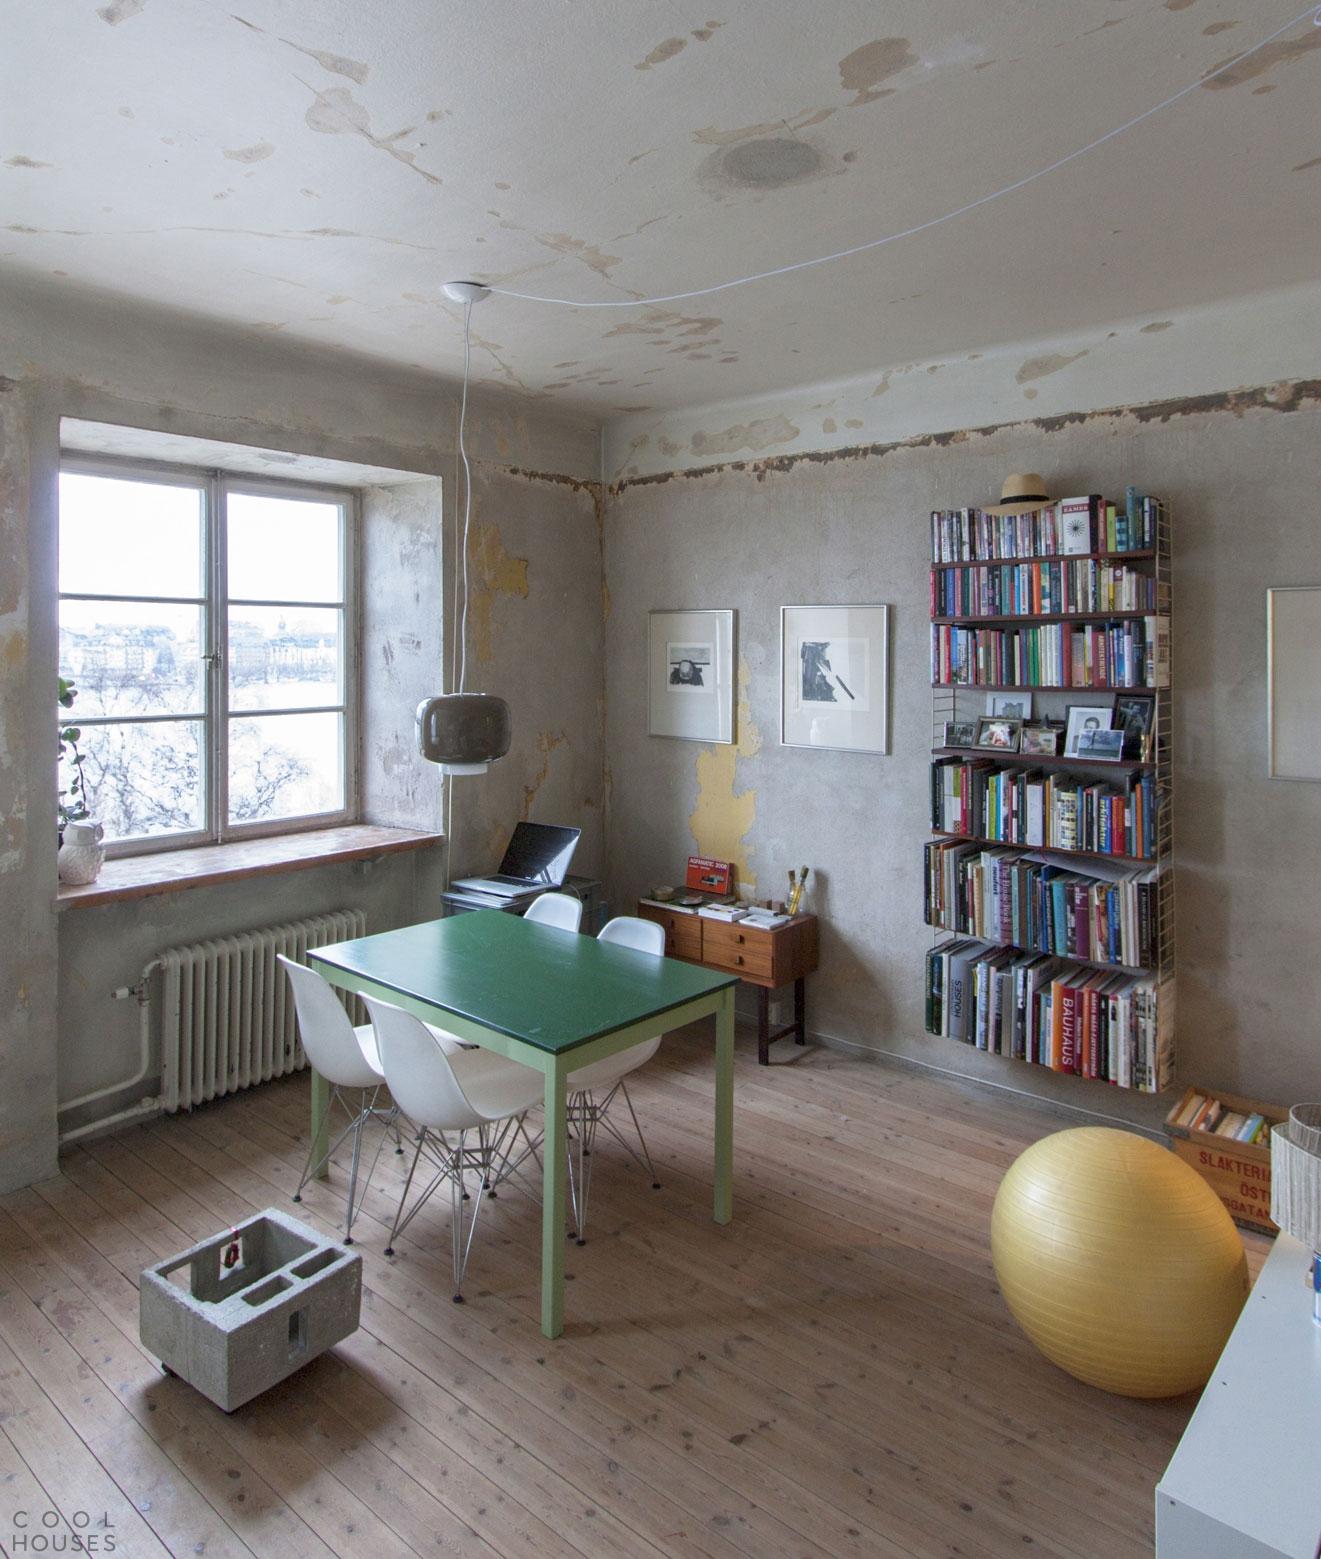 Дизайн небольшой квартиры в стиле лофт, Швеция